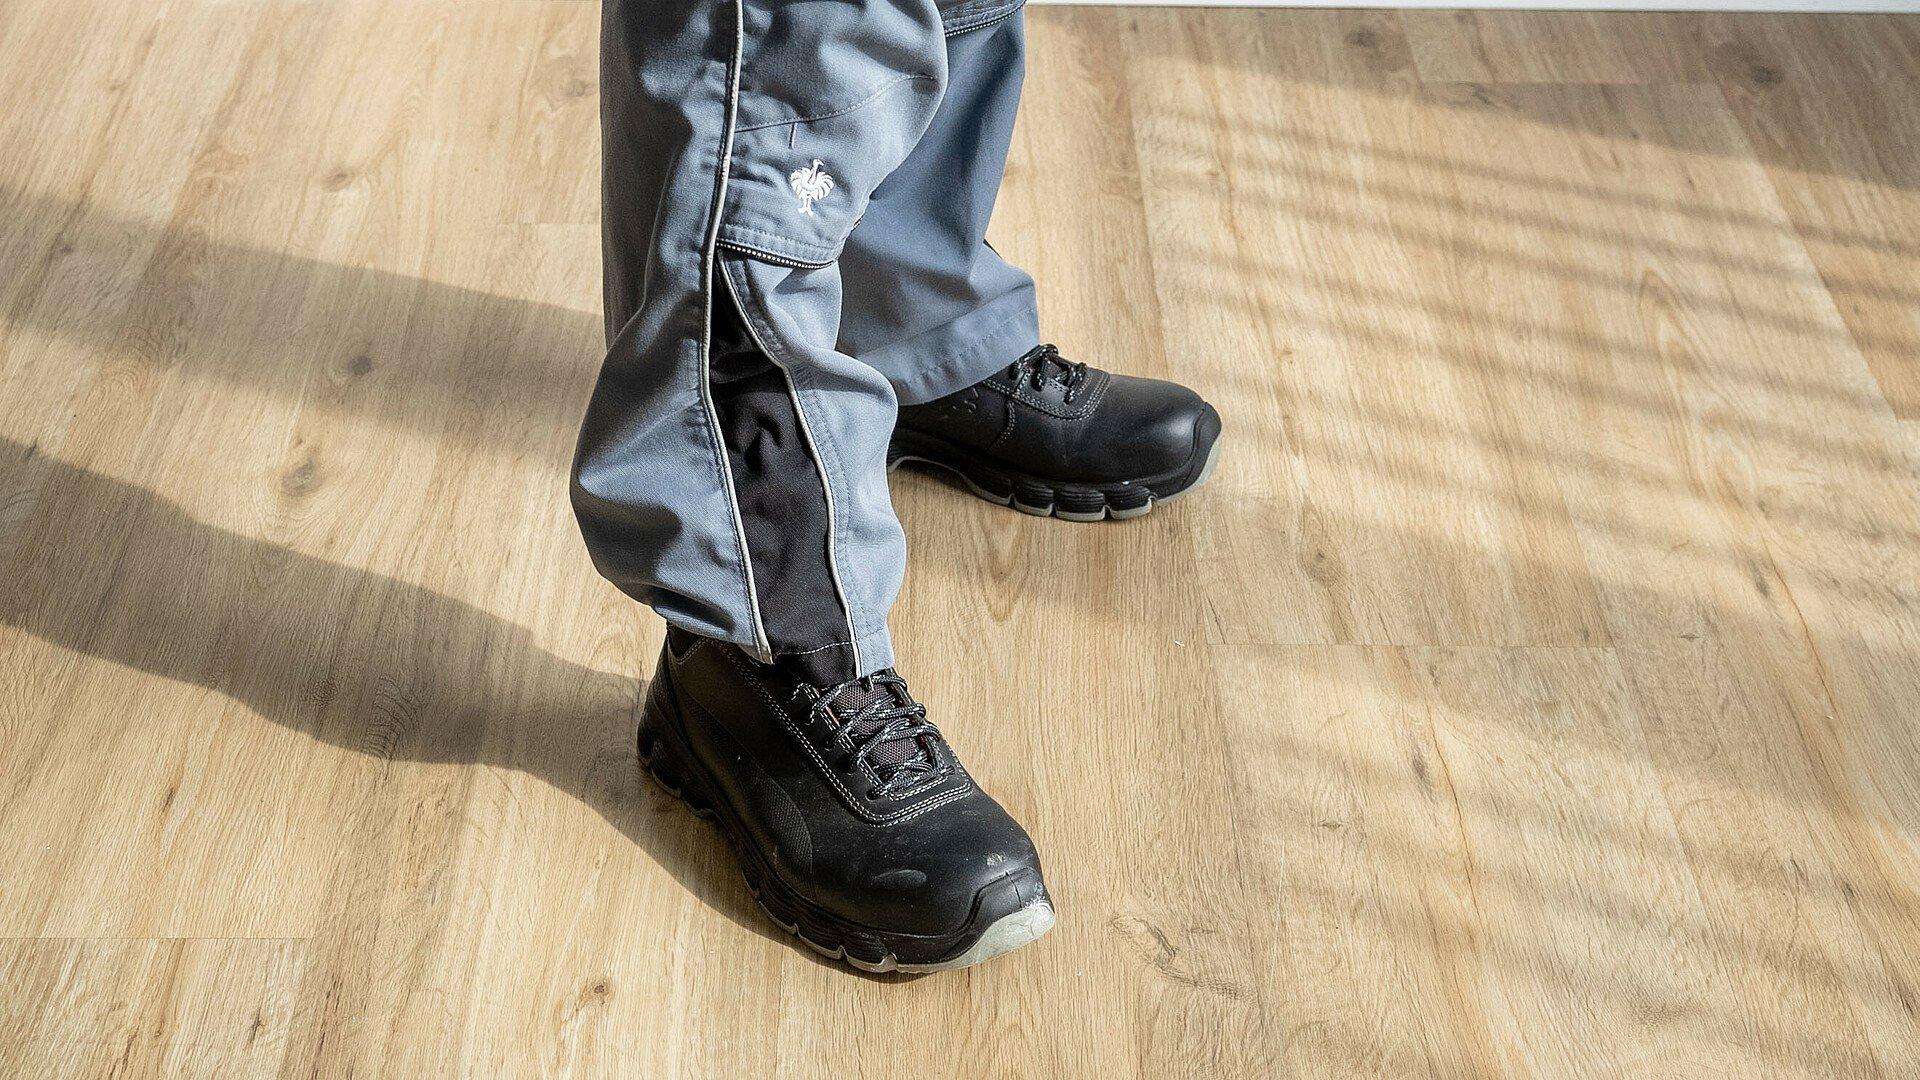 GAG-Hausmeister Justin Dresens zeigt geeignete Schuhe zum Heimwerkern